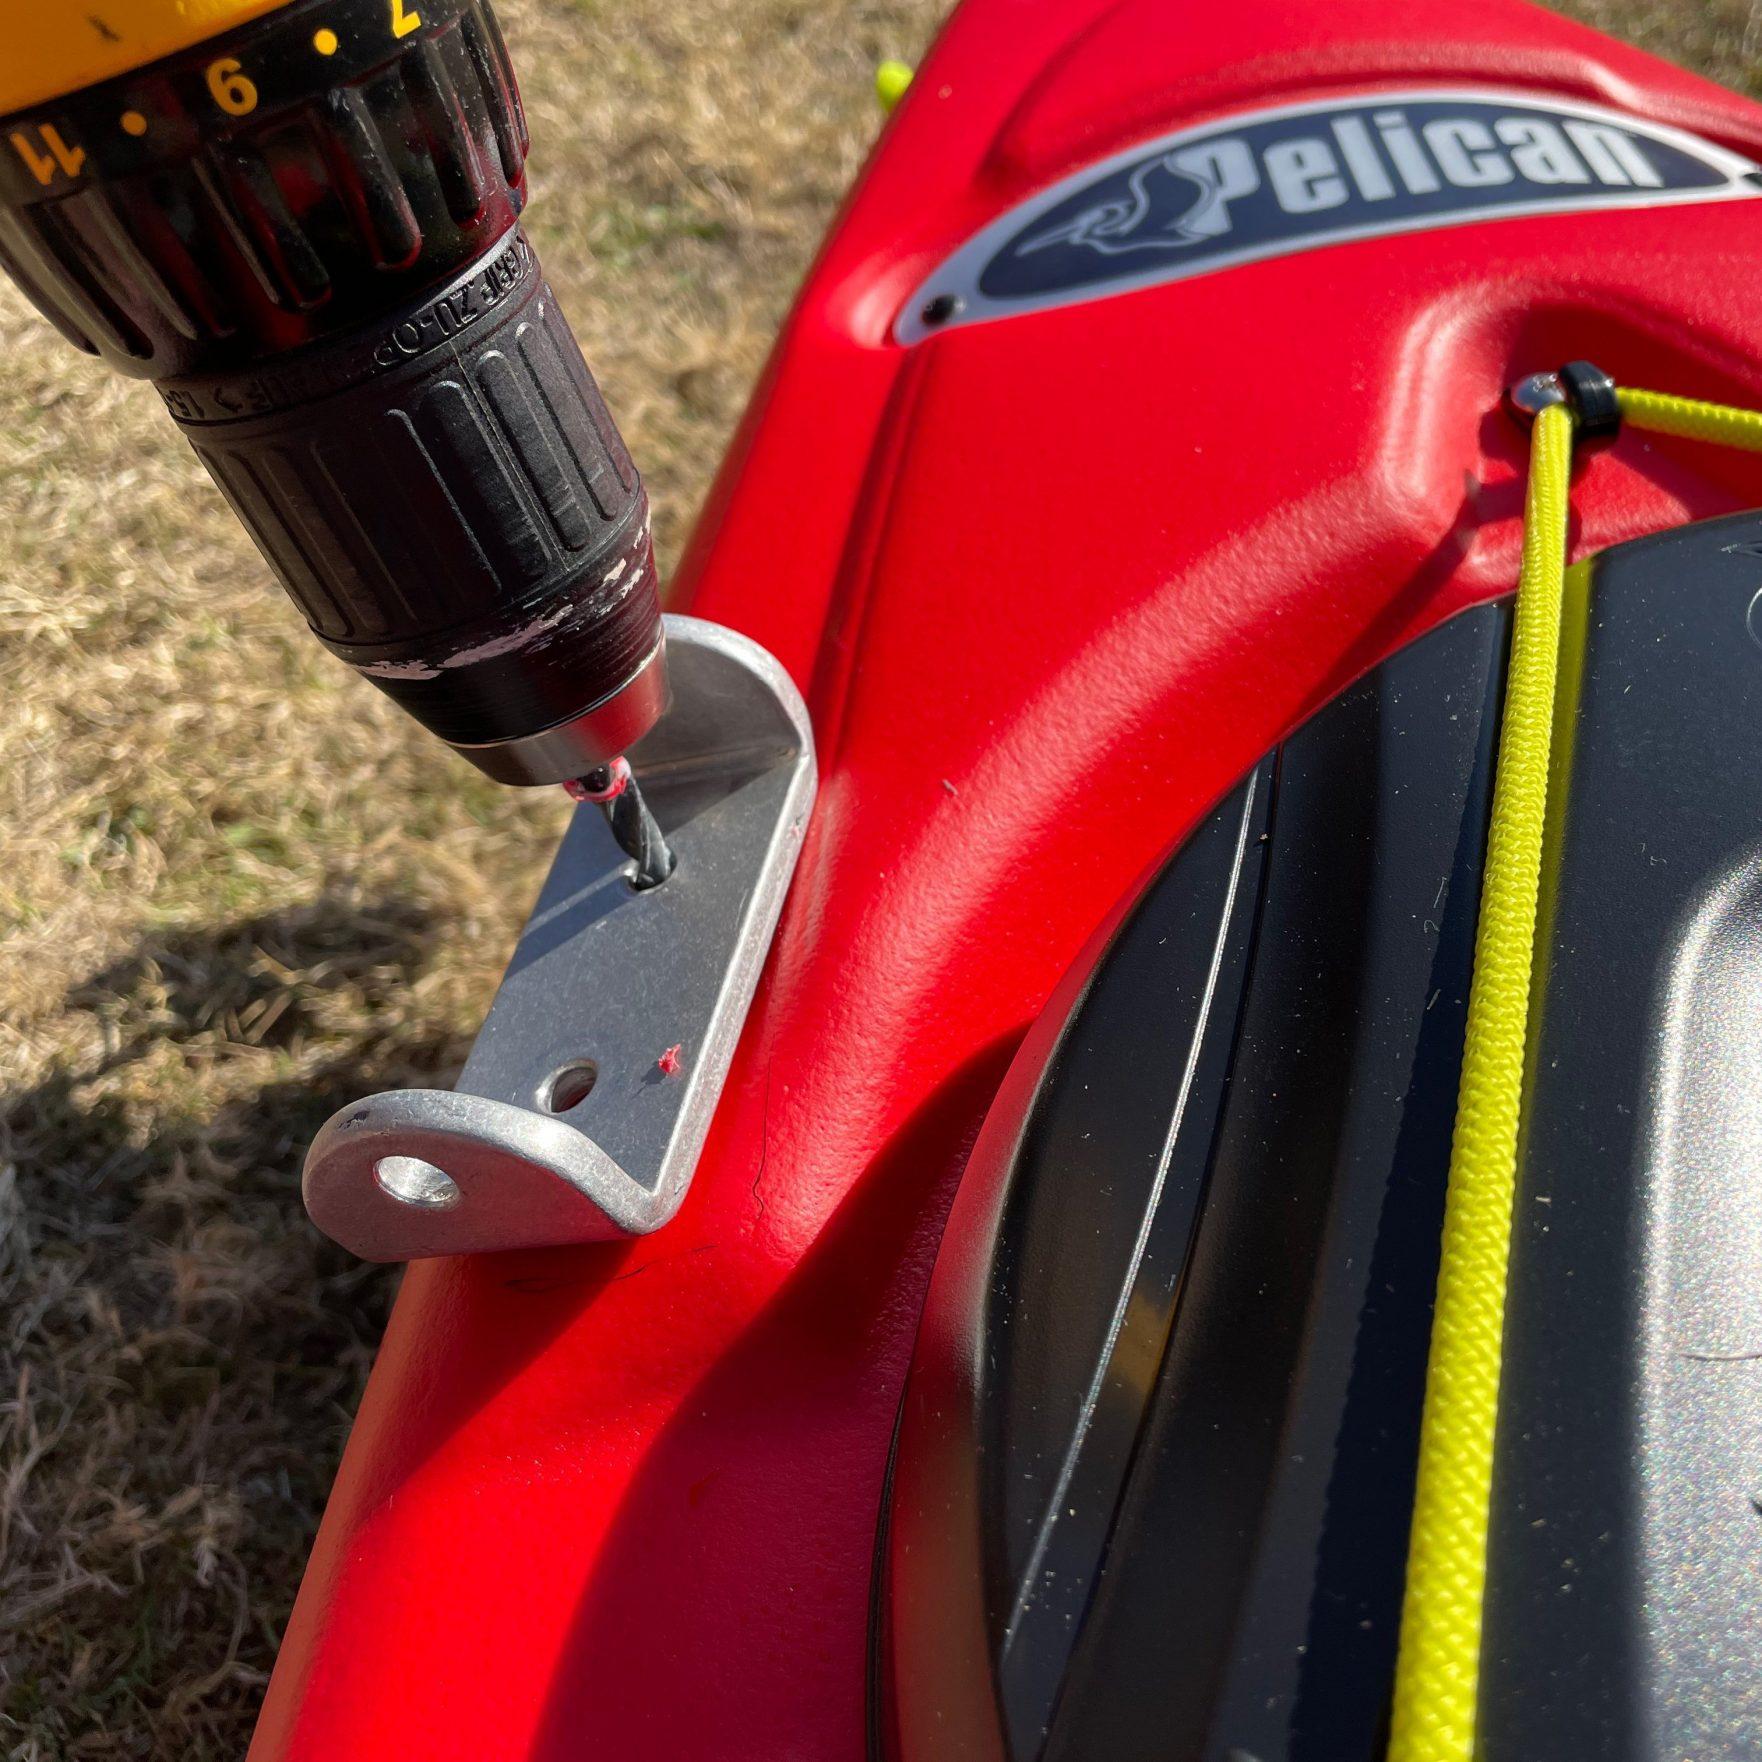 Bold Ivy Kayak Stabilizer Installation – Step 8